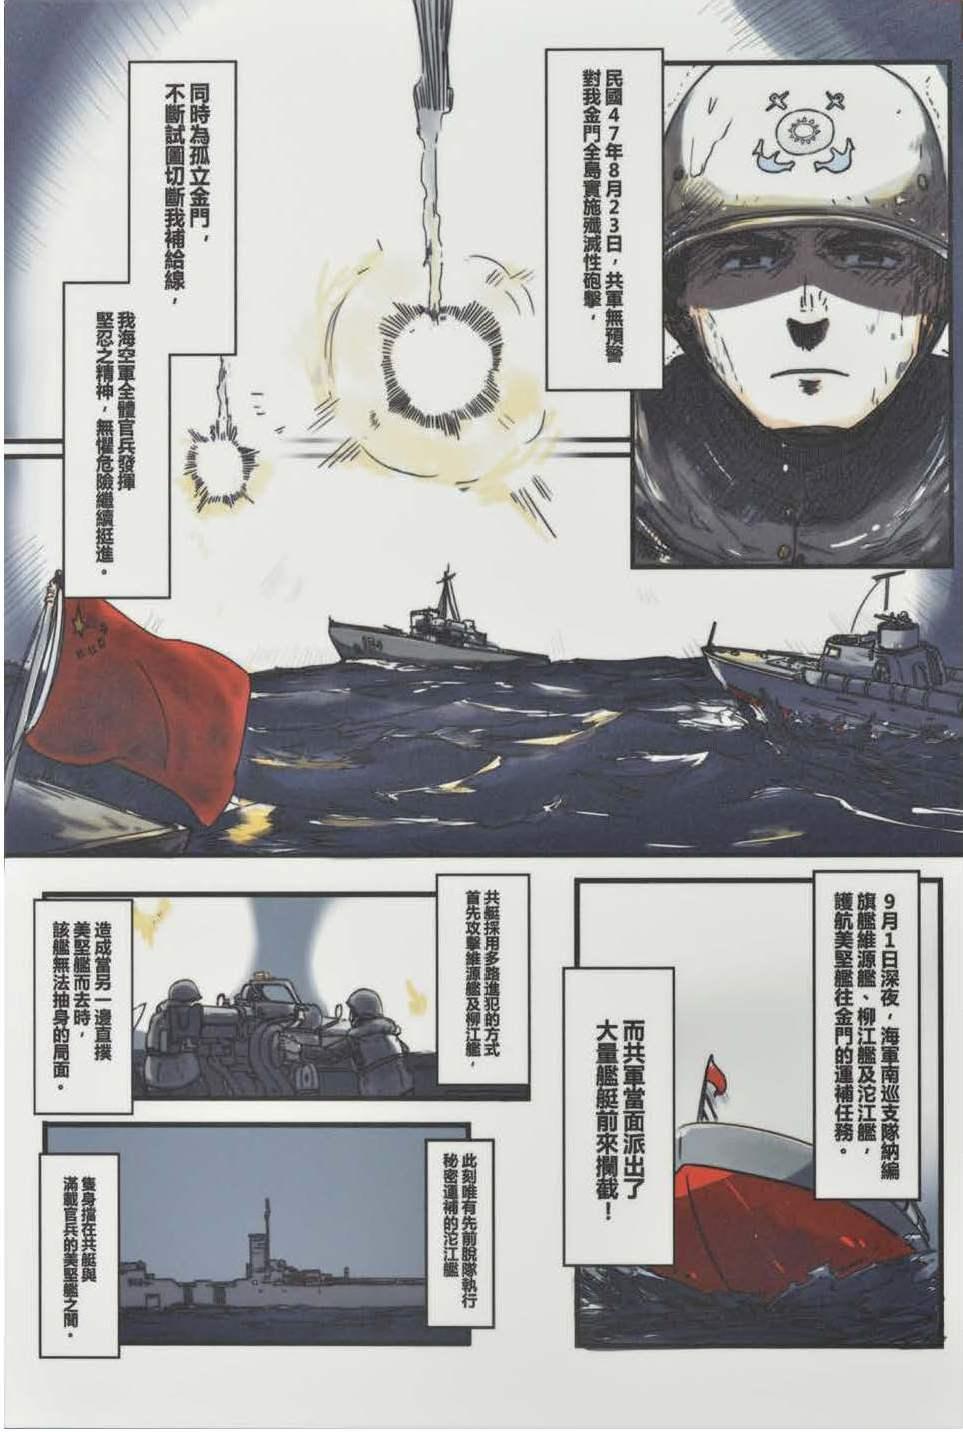 第50屆漫畫類金像獎作品_傳承3_張哲綱.jpg